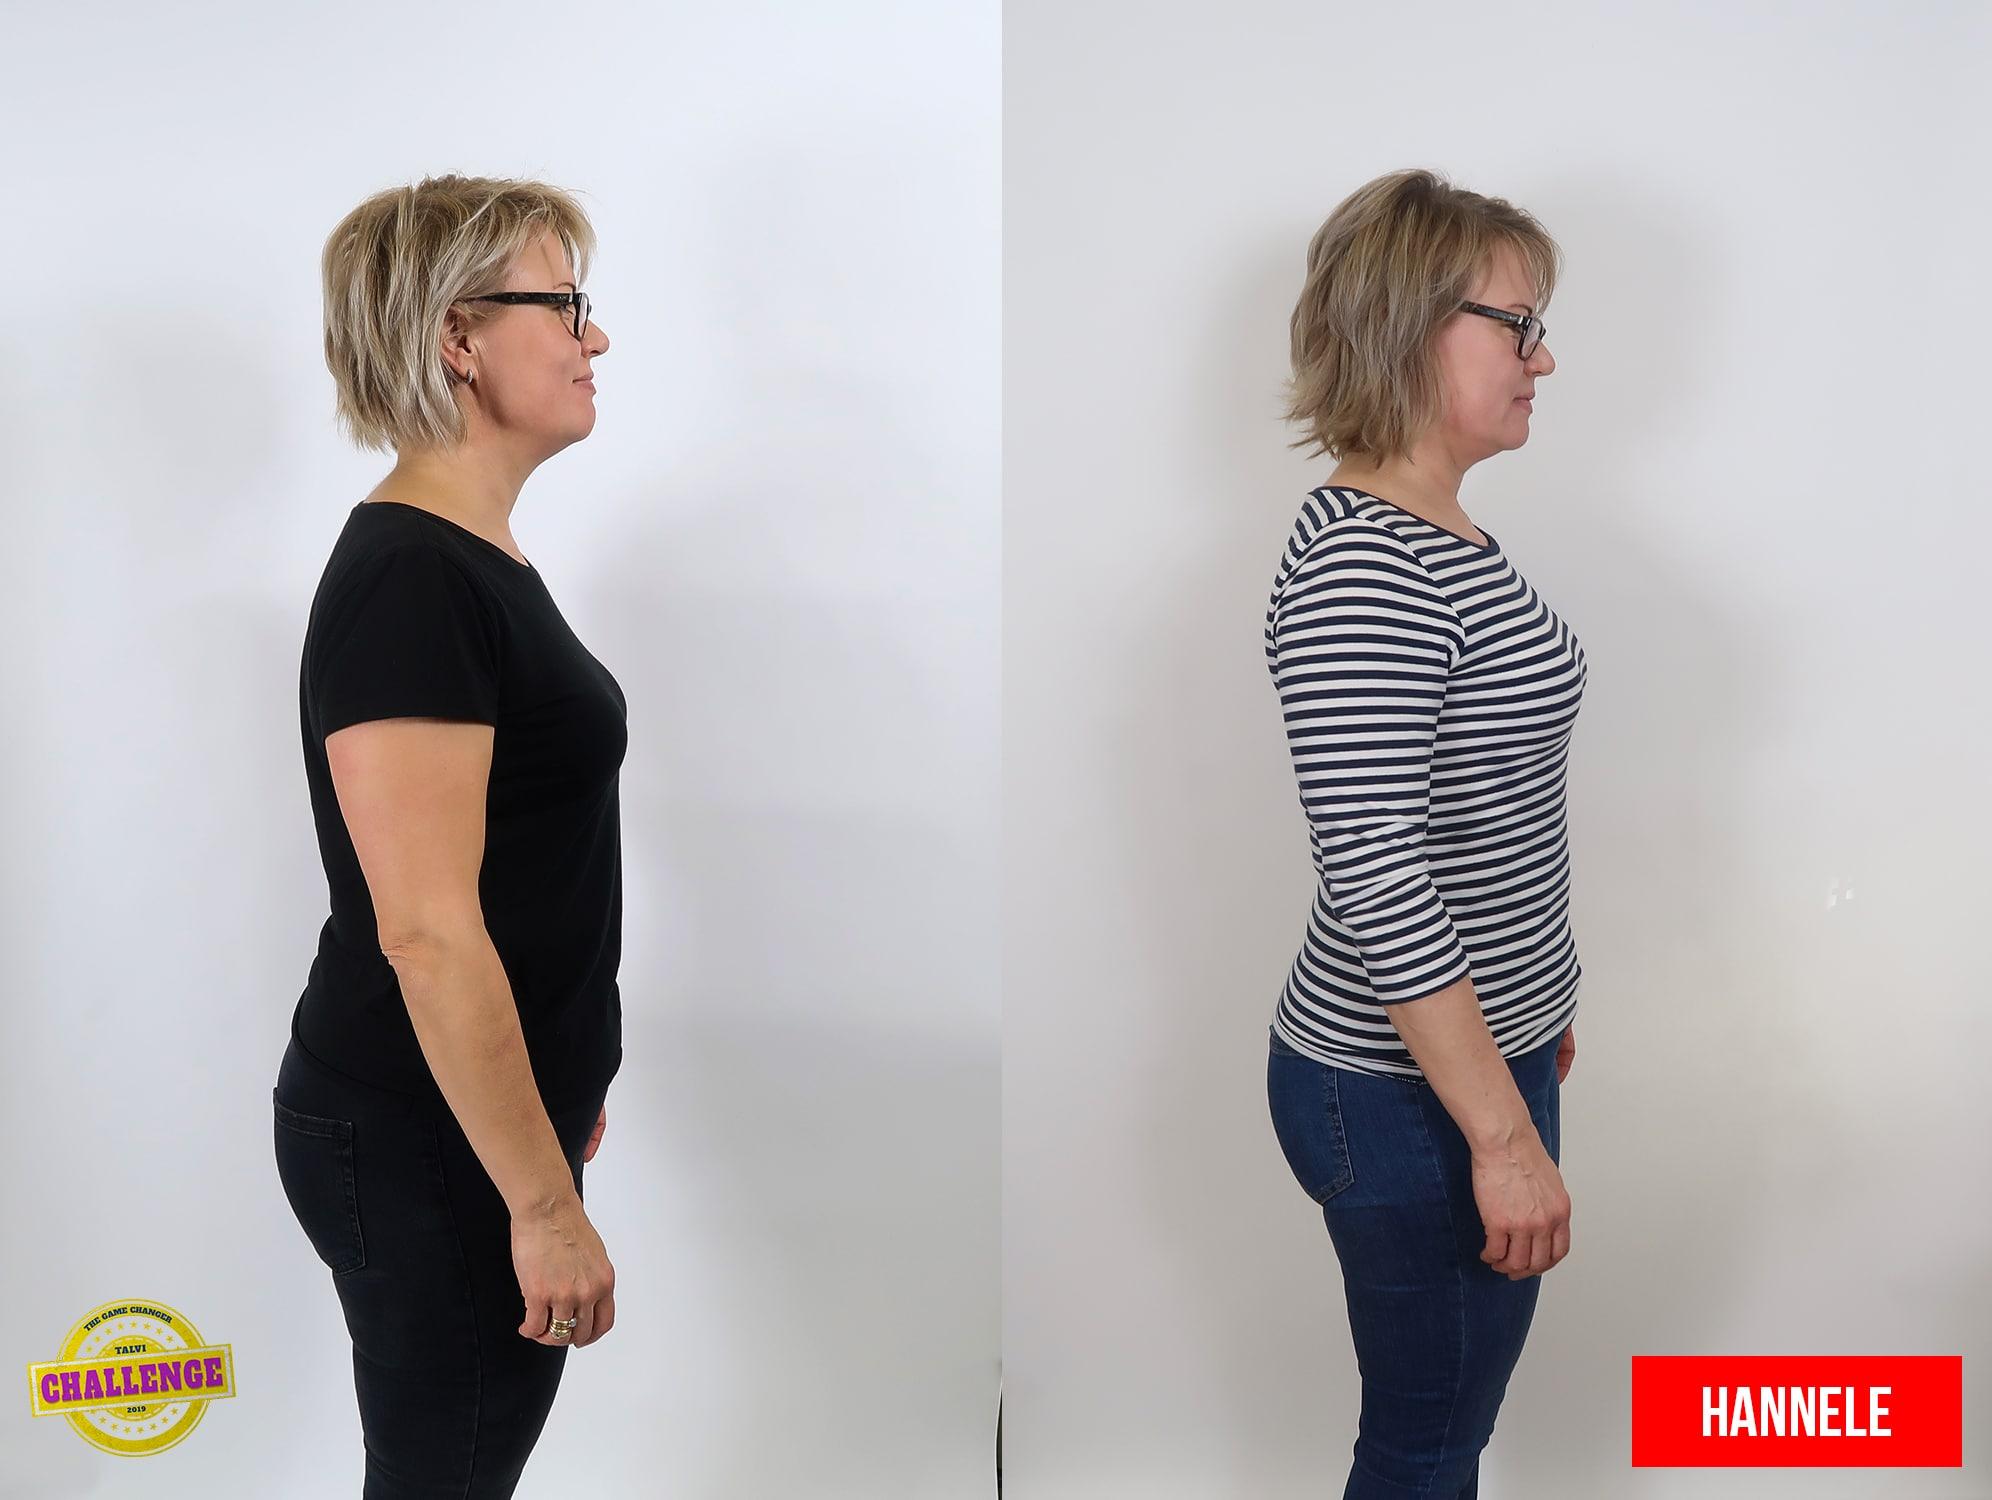 nainen sivulta ennen ja jälkeen muodonmuutos